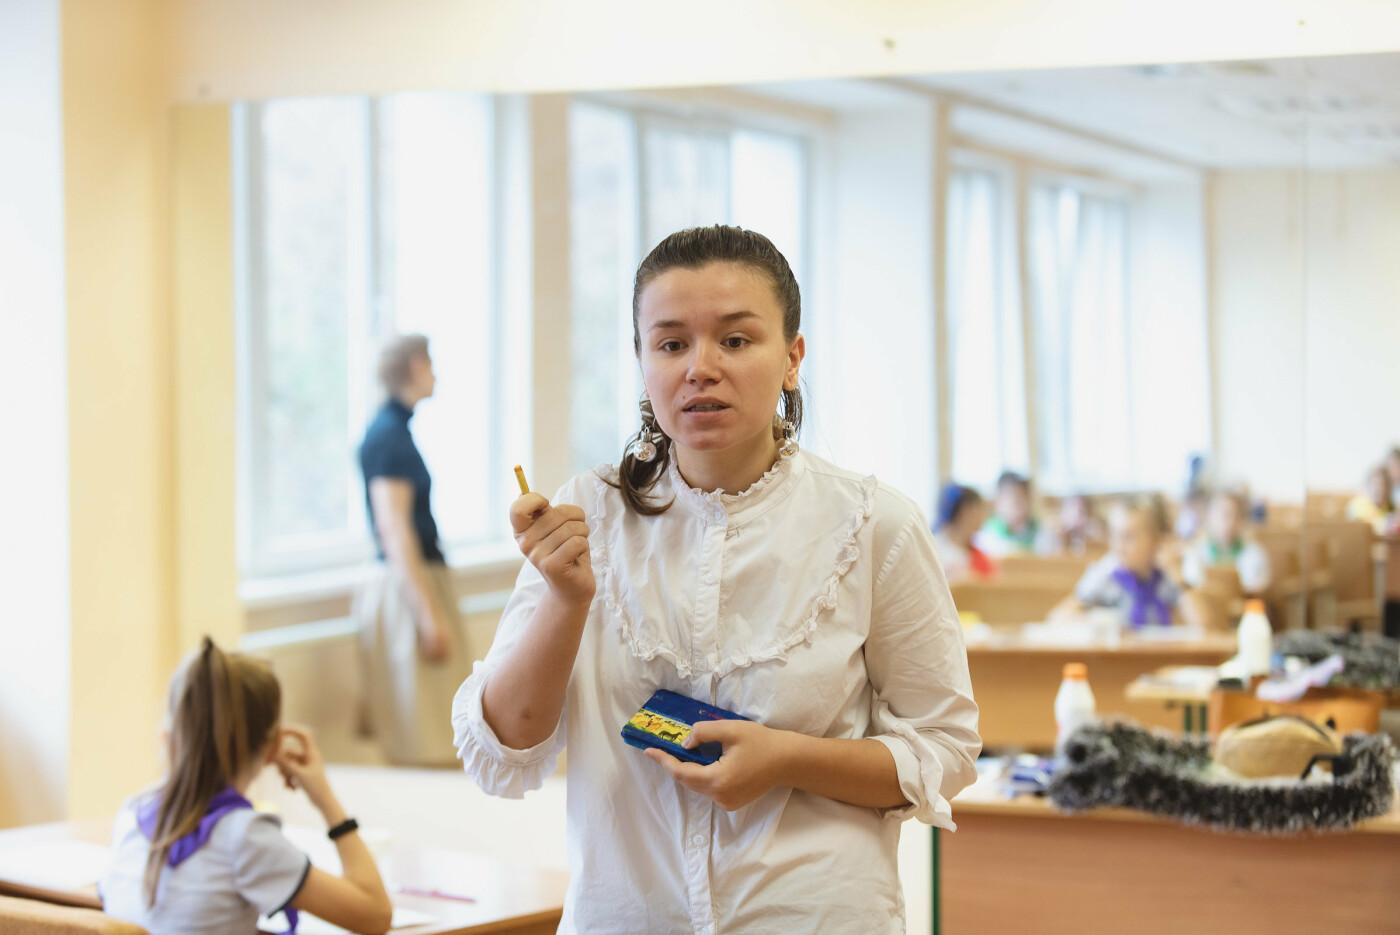 В Ялтинской школе № 1 для школьников провели художественный мастер-класс, фото-5